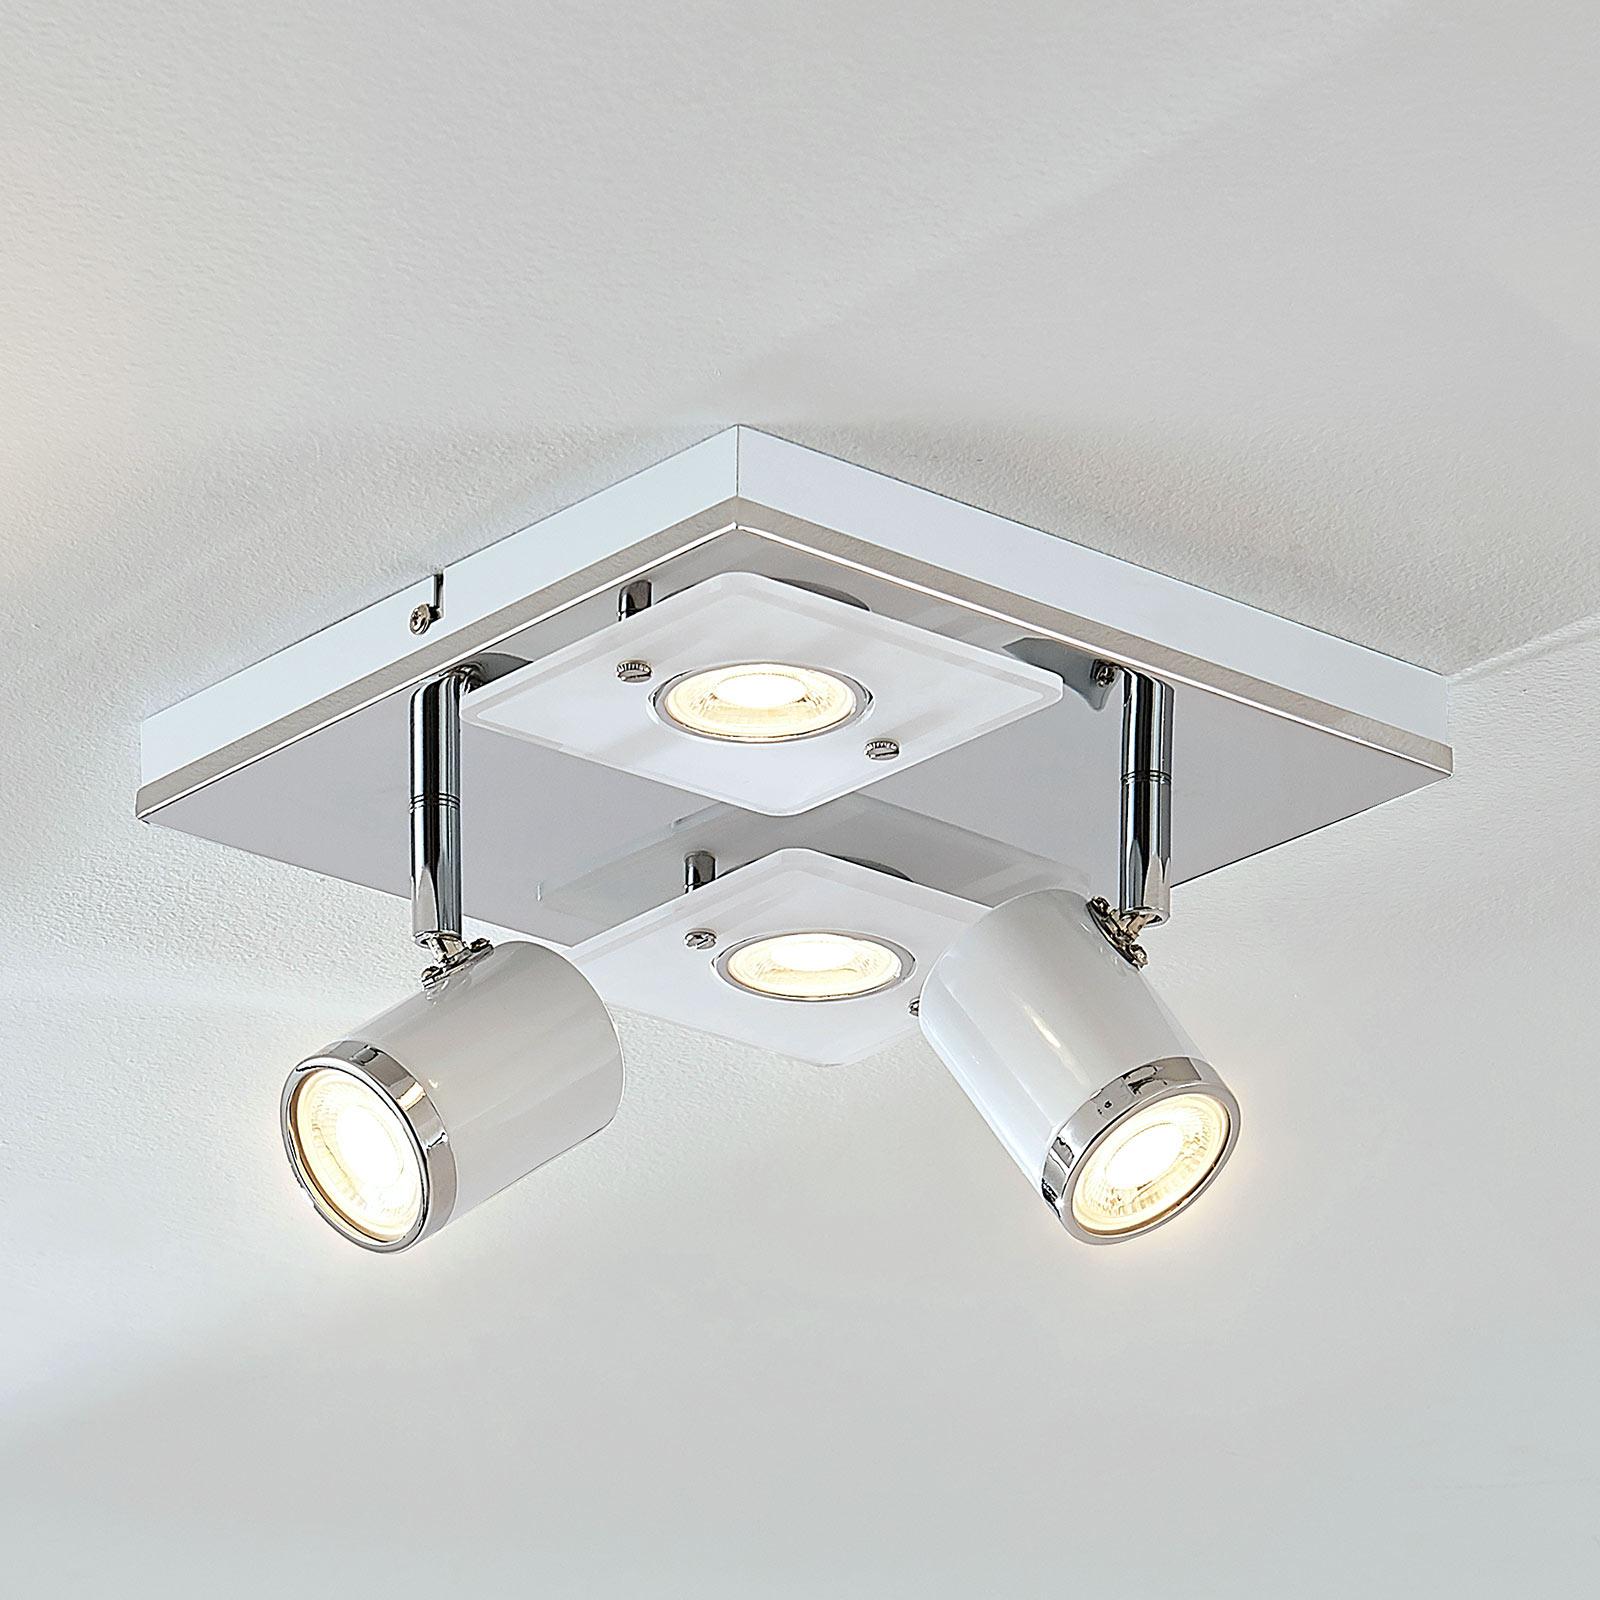 Plafonnier LED Alsuna, quatre lampes, 24 x 24cm